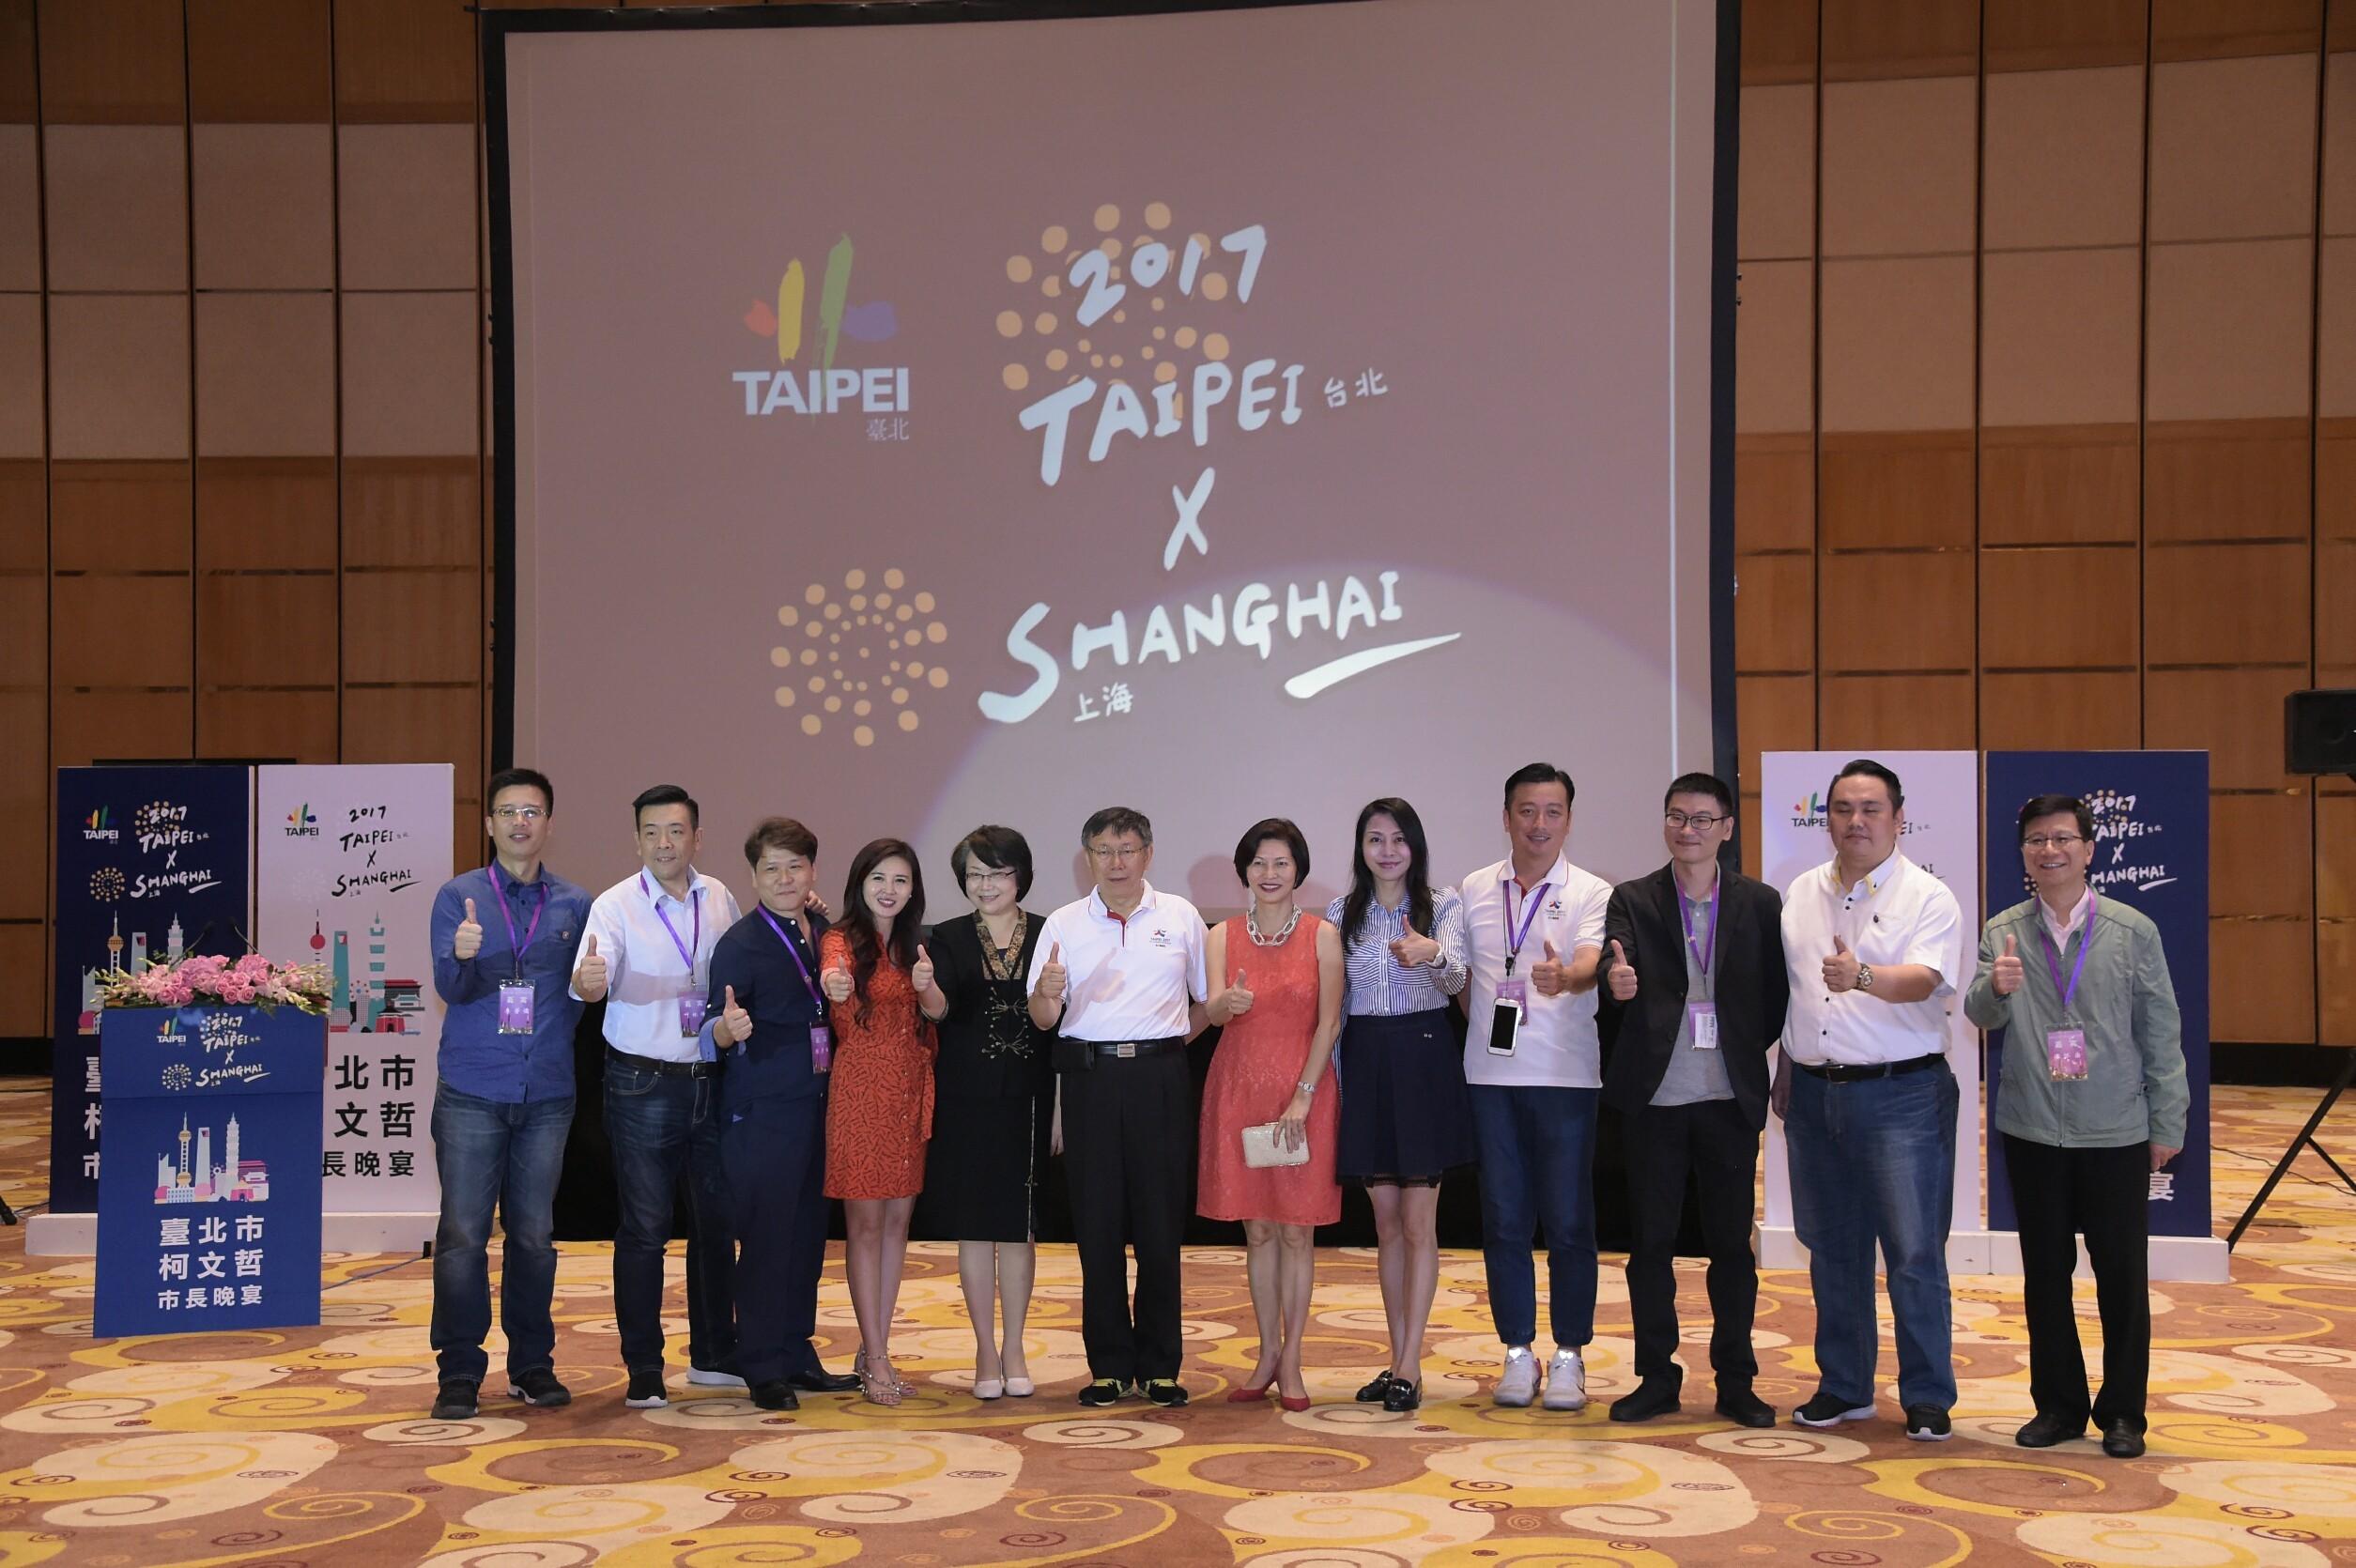 2017 Taipei-Shanghai Forum (Image from Taipei City Government)